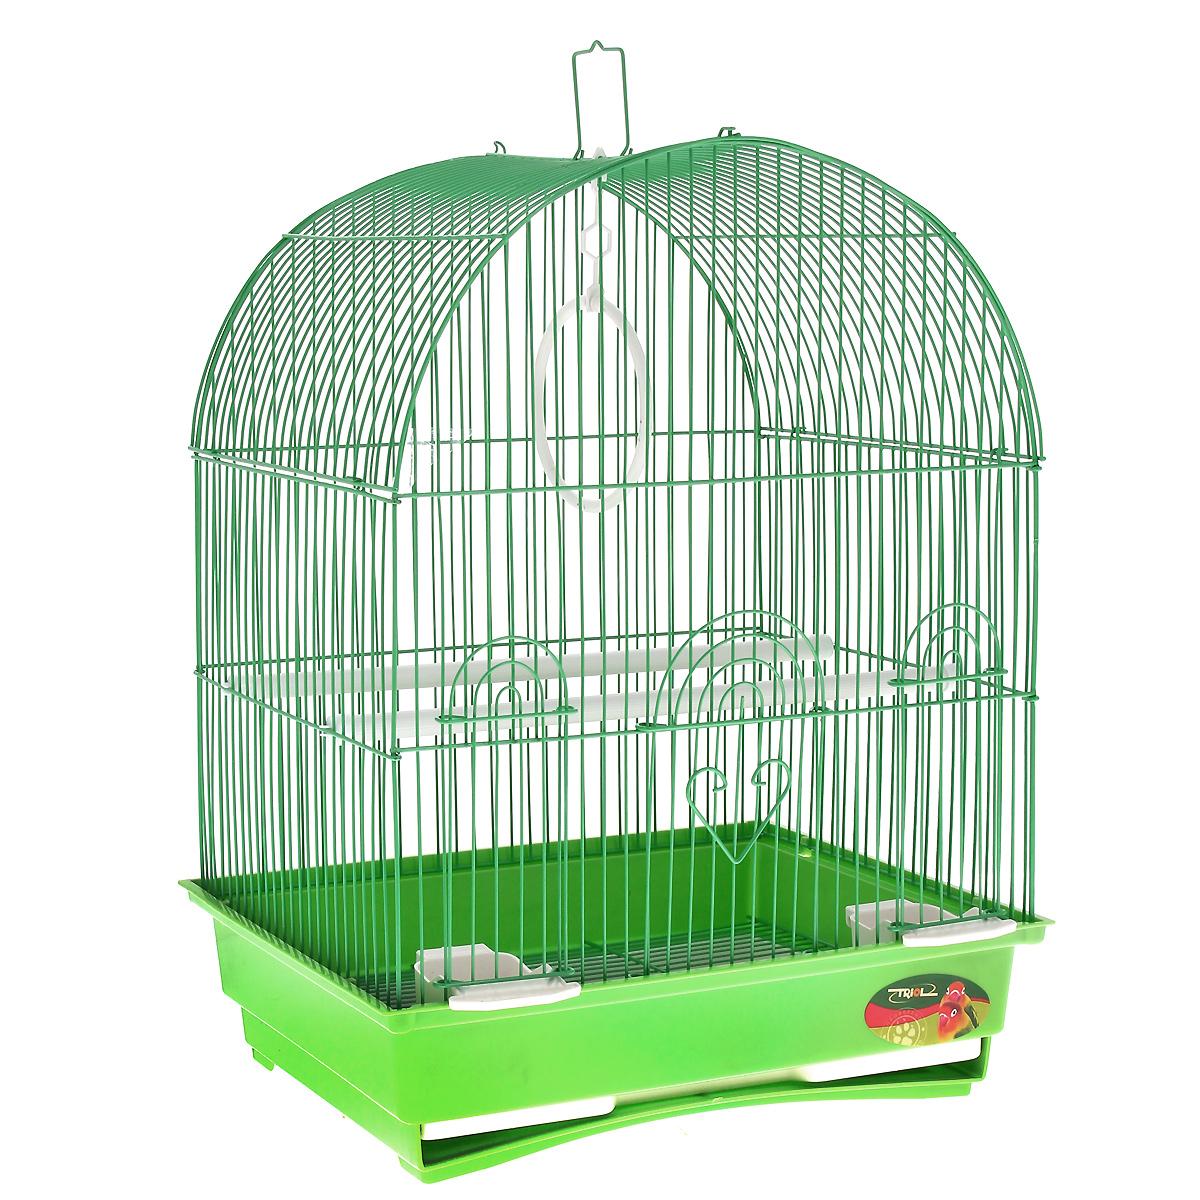 Клетка для птиц, цвет: зеленый, 35 см х 28 см х 46 см0120710Клетка для птиц, выполненная из пластика и металла с эмалированным покрытием, предназначена для мелких птиц. Изделие состоит из большого поддона и решетки. Клетка снабжена металлической дверцей и двумя окошками, которые открываются и закрываются движением вверх-вниз. В основании клетки находится малый выдвижной поддон с металлической решеткой сверху. Поддон удобно и легко чистить, так как он выдвигается из клетки, не беспокоя питомца. Клетка также оснащена двумя кормушками, двумя жердочками, кольцом для птицы и ручкой для переноски. Комплектация: - клетка, - малый поддон с решеткой, - кормушка: 2 шт, - жердочка: 2 шт, - кольцо: 1 шт.Размер клетки: 35 см х 28 см х 46 см.